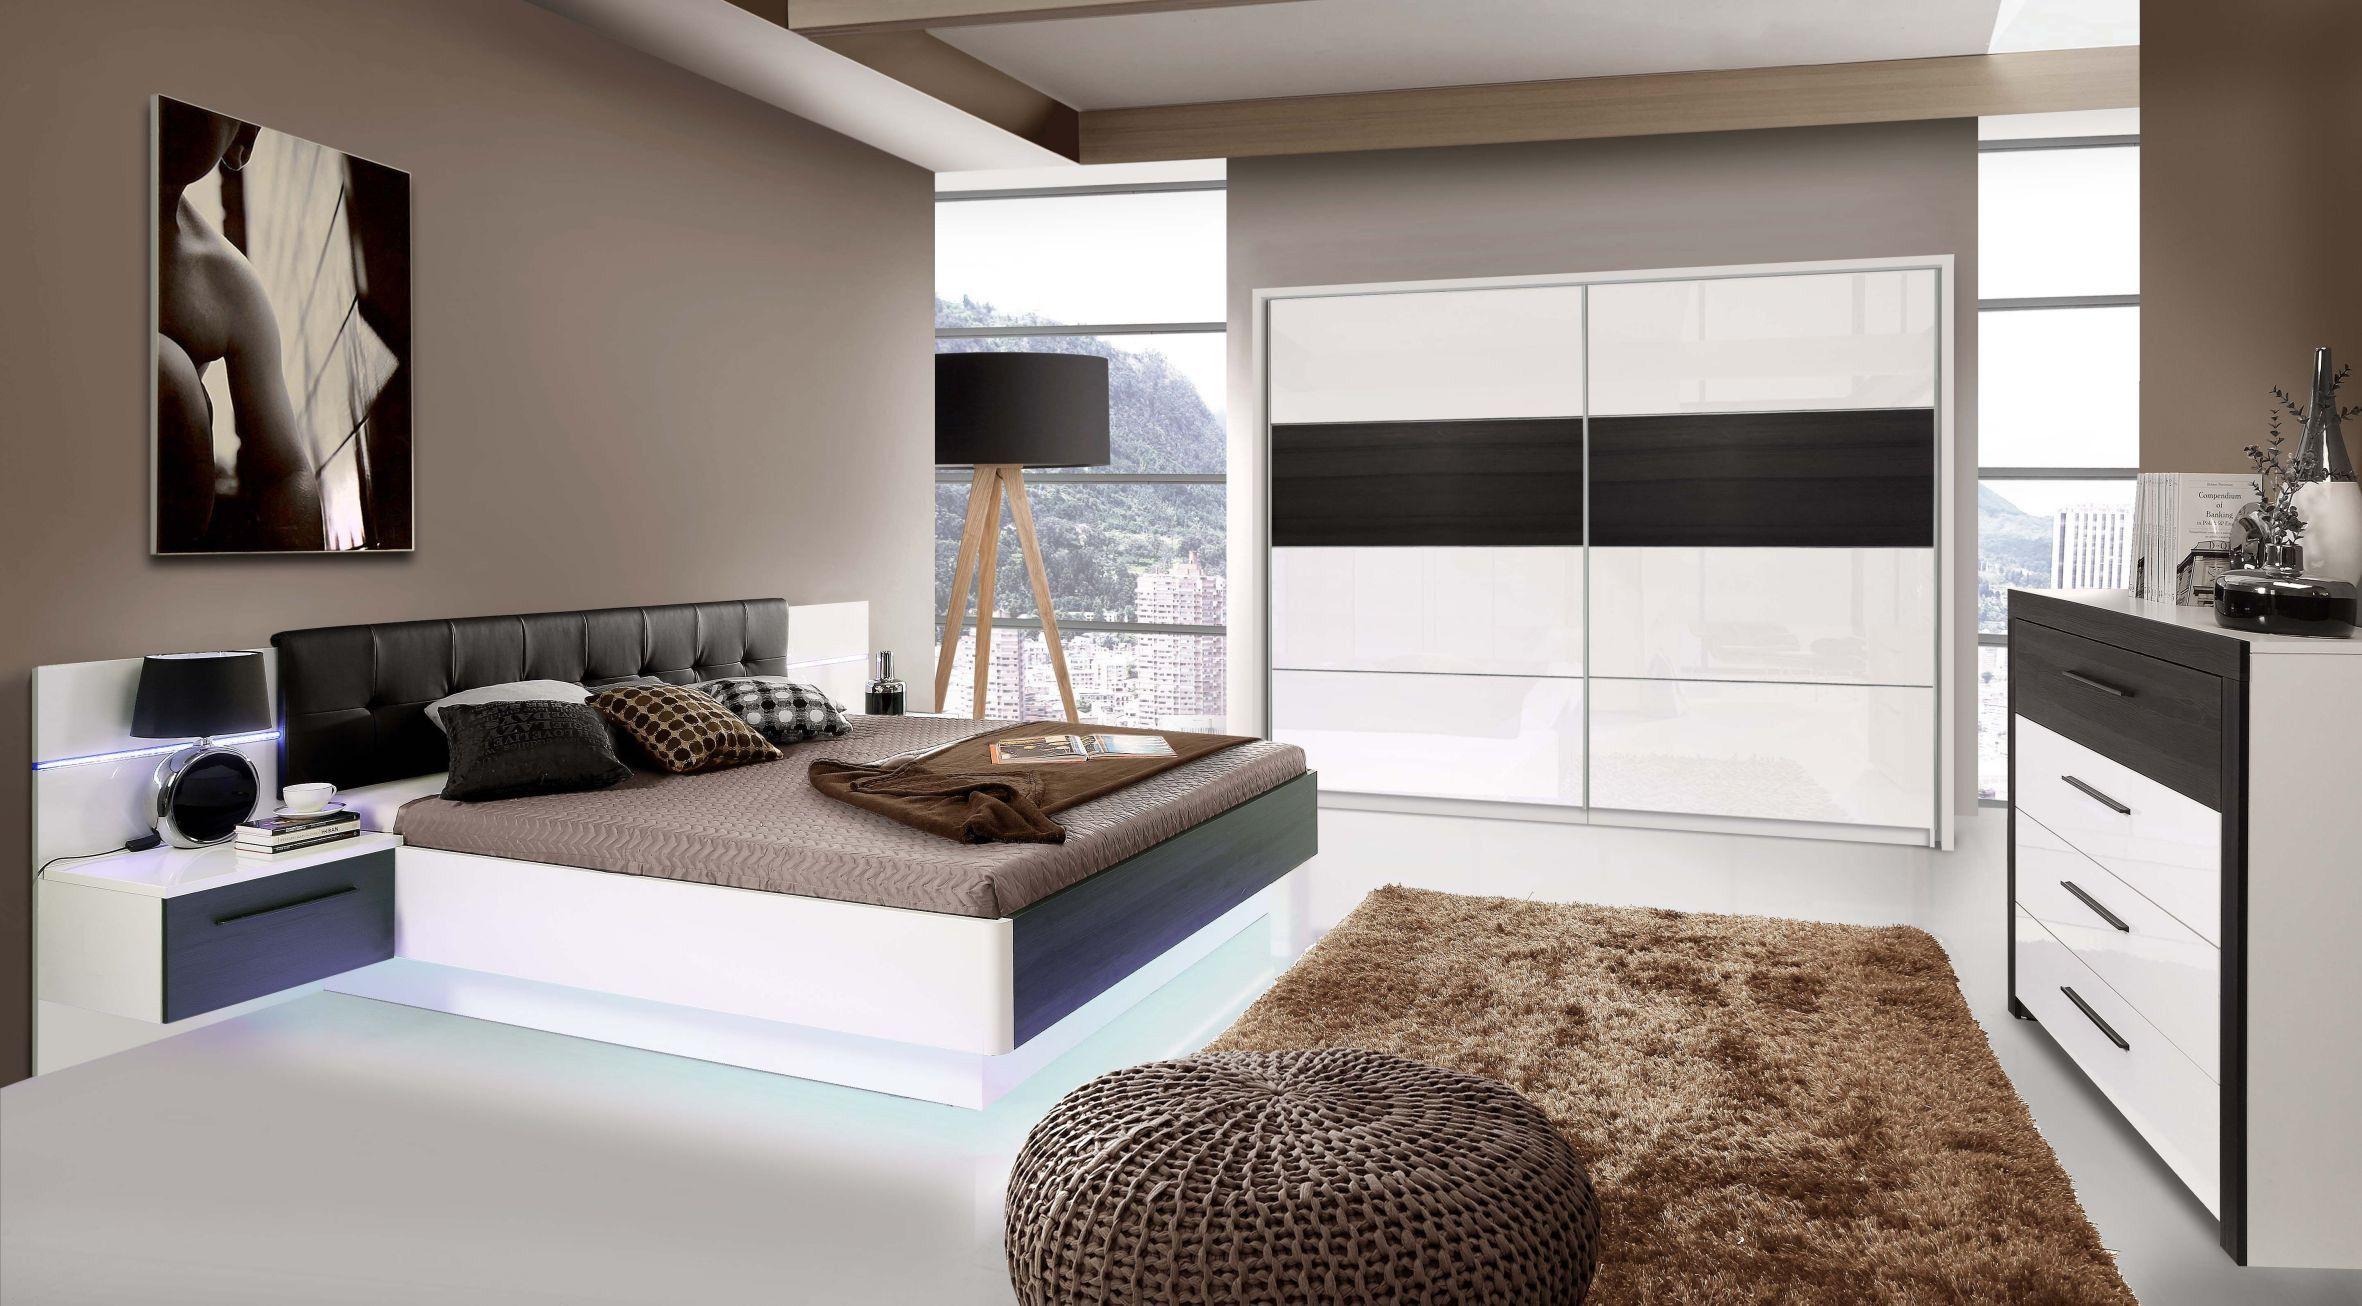 Schlafzimmer Mit Bett 180 X 200 Cm Weiss Hochglanz